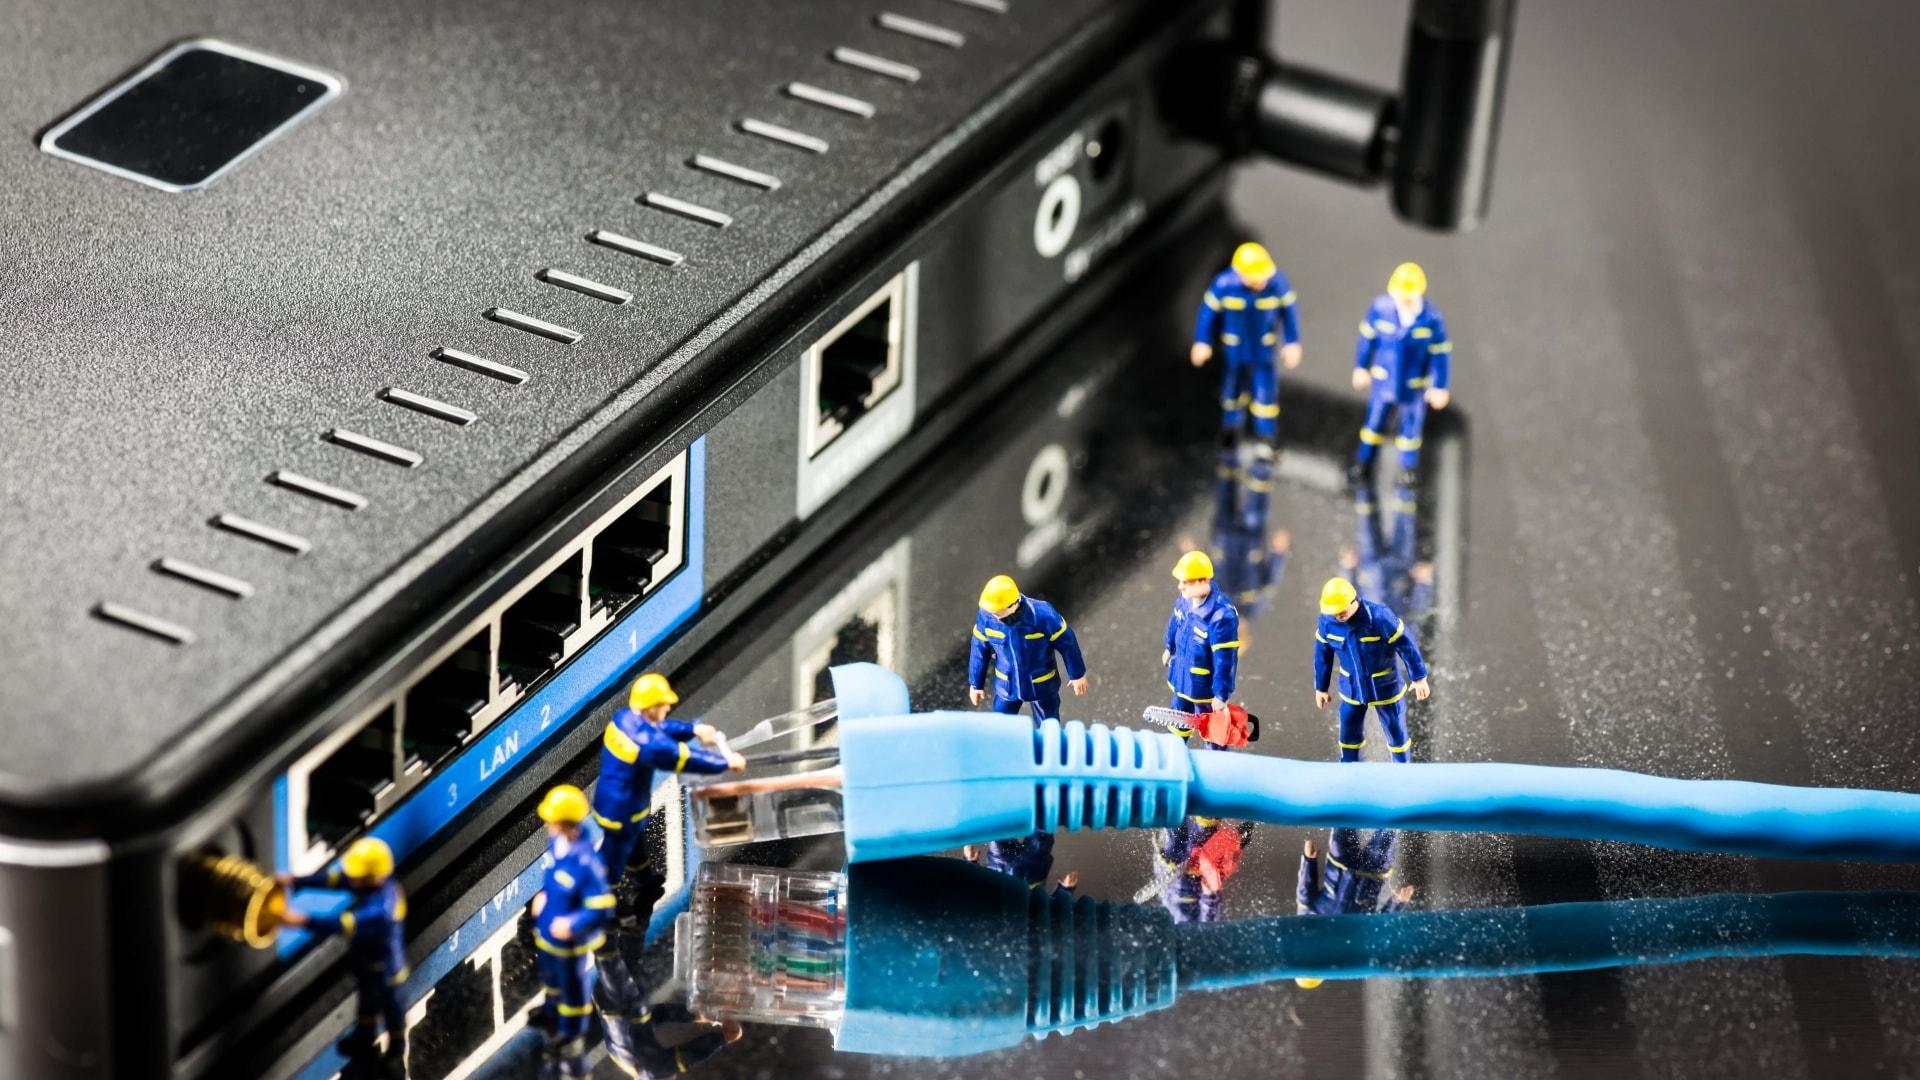 Как сделать бесплатный интернет через 3g модем